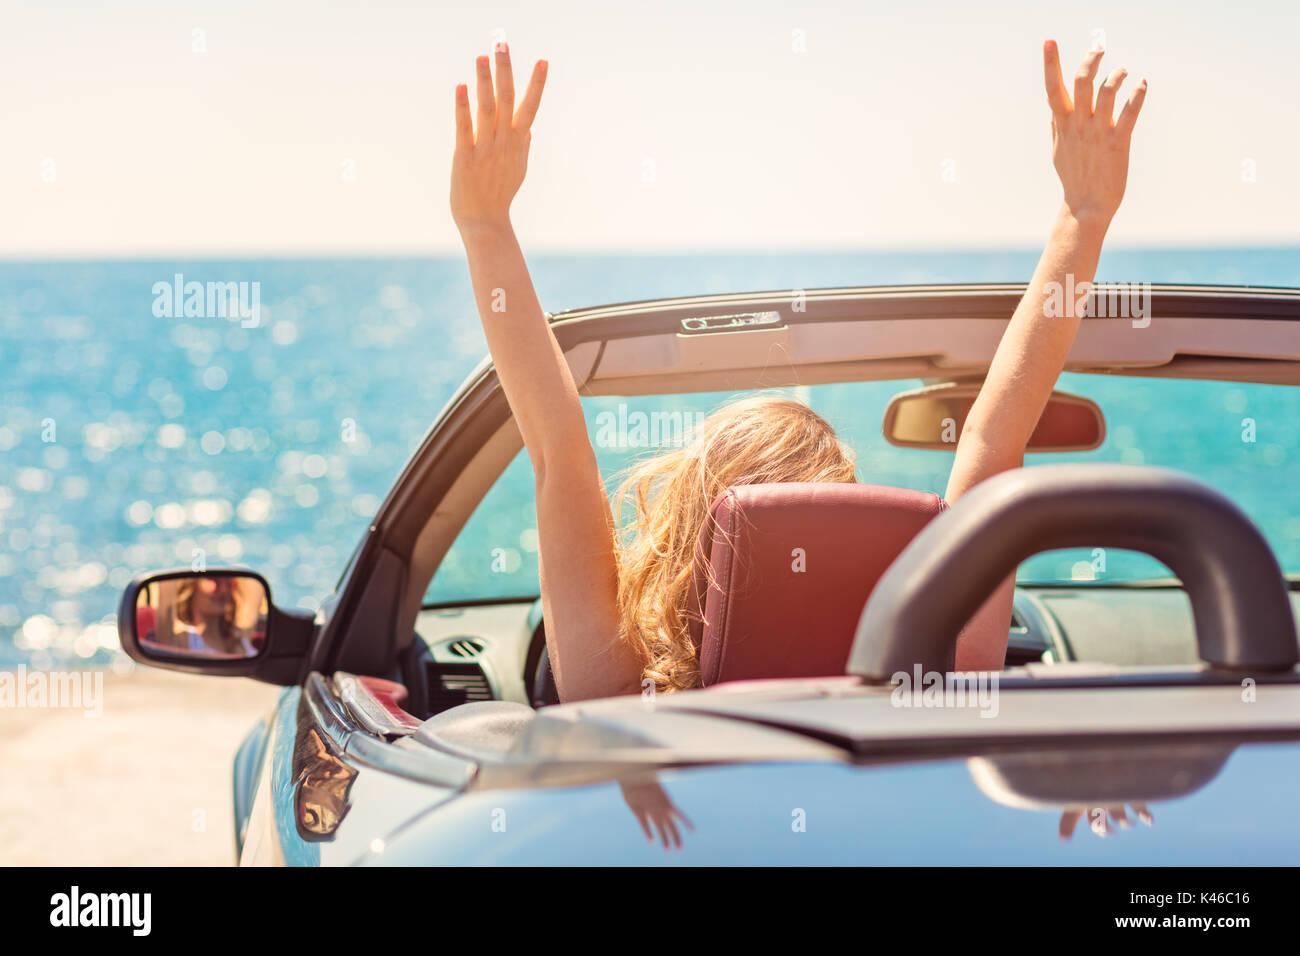 Felice e spensierato donna in auto sulla spiaggia Immagini Stock